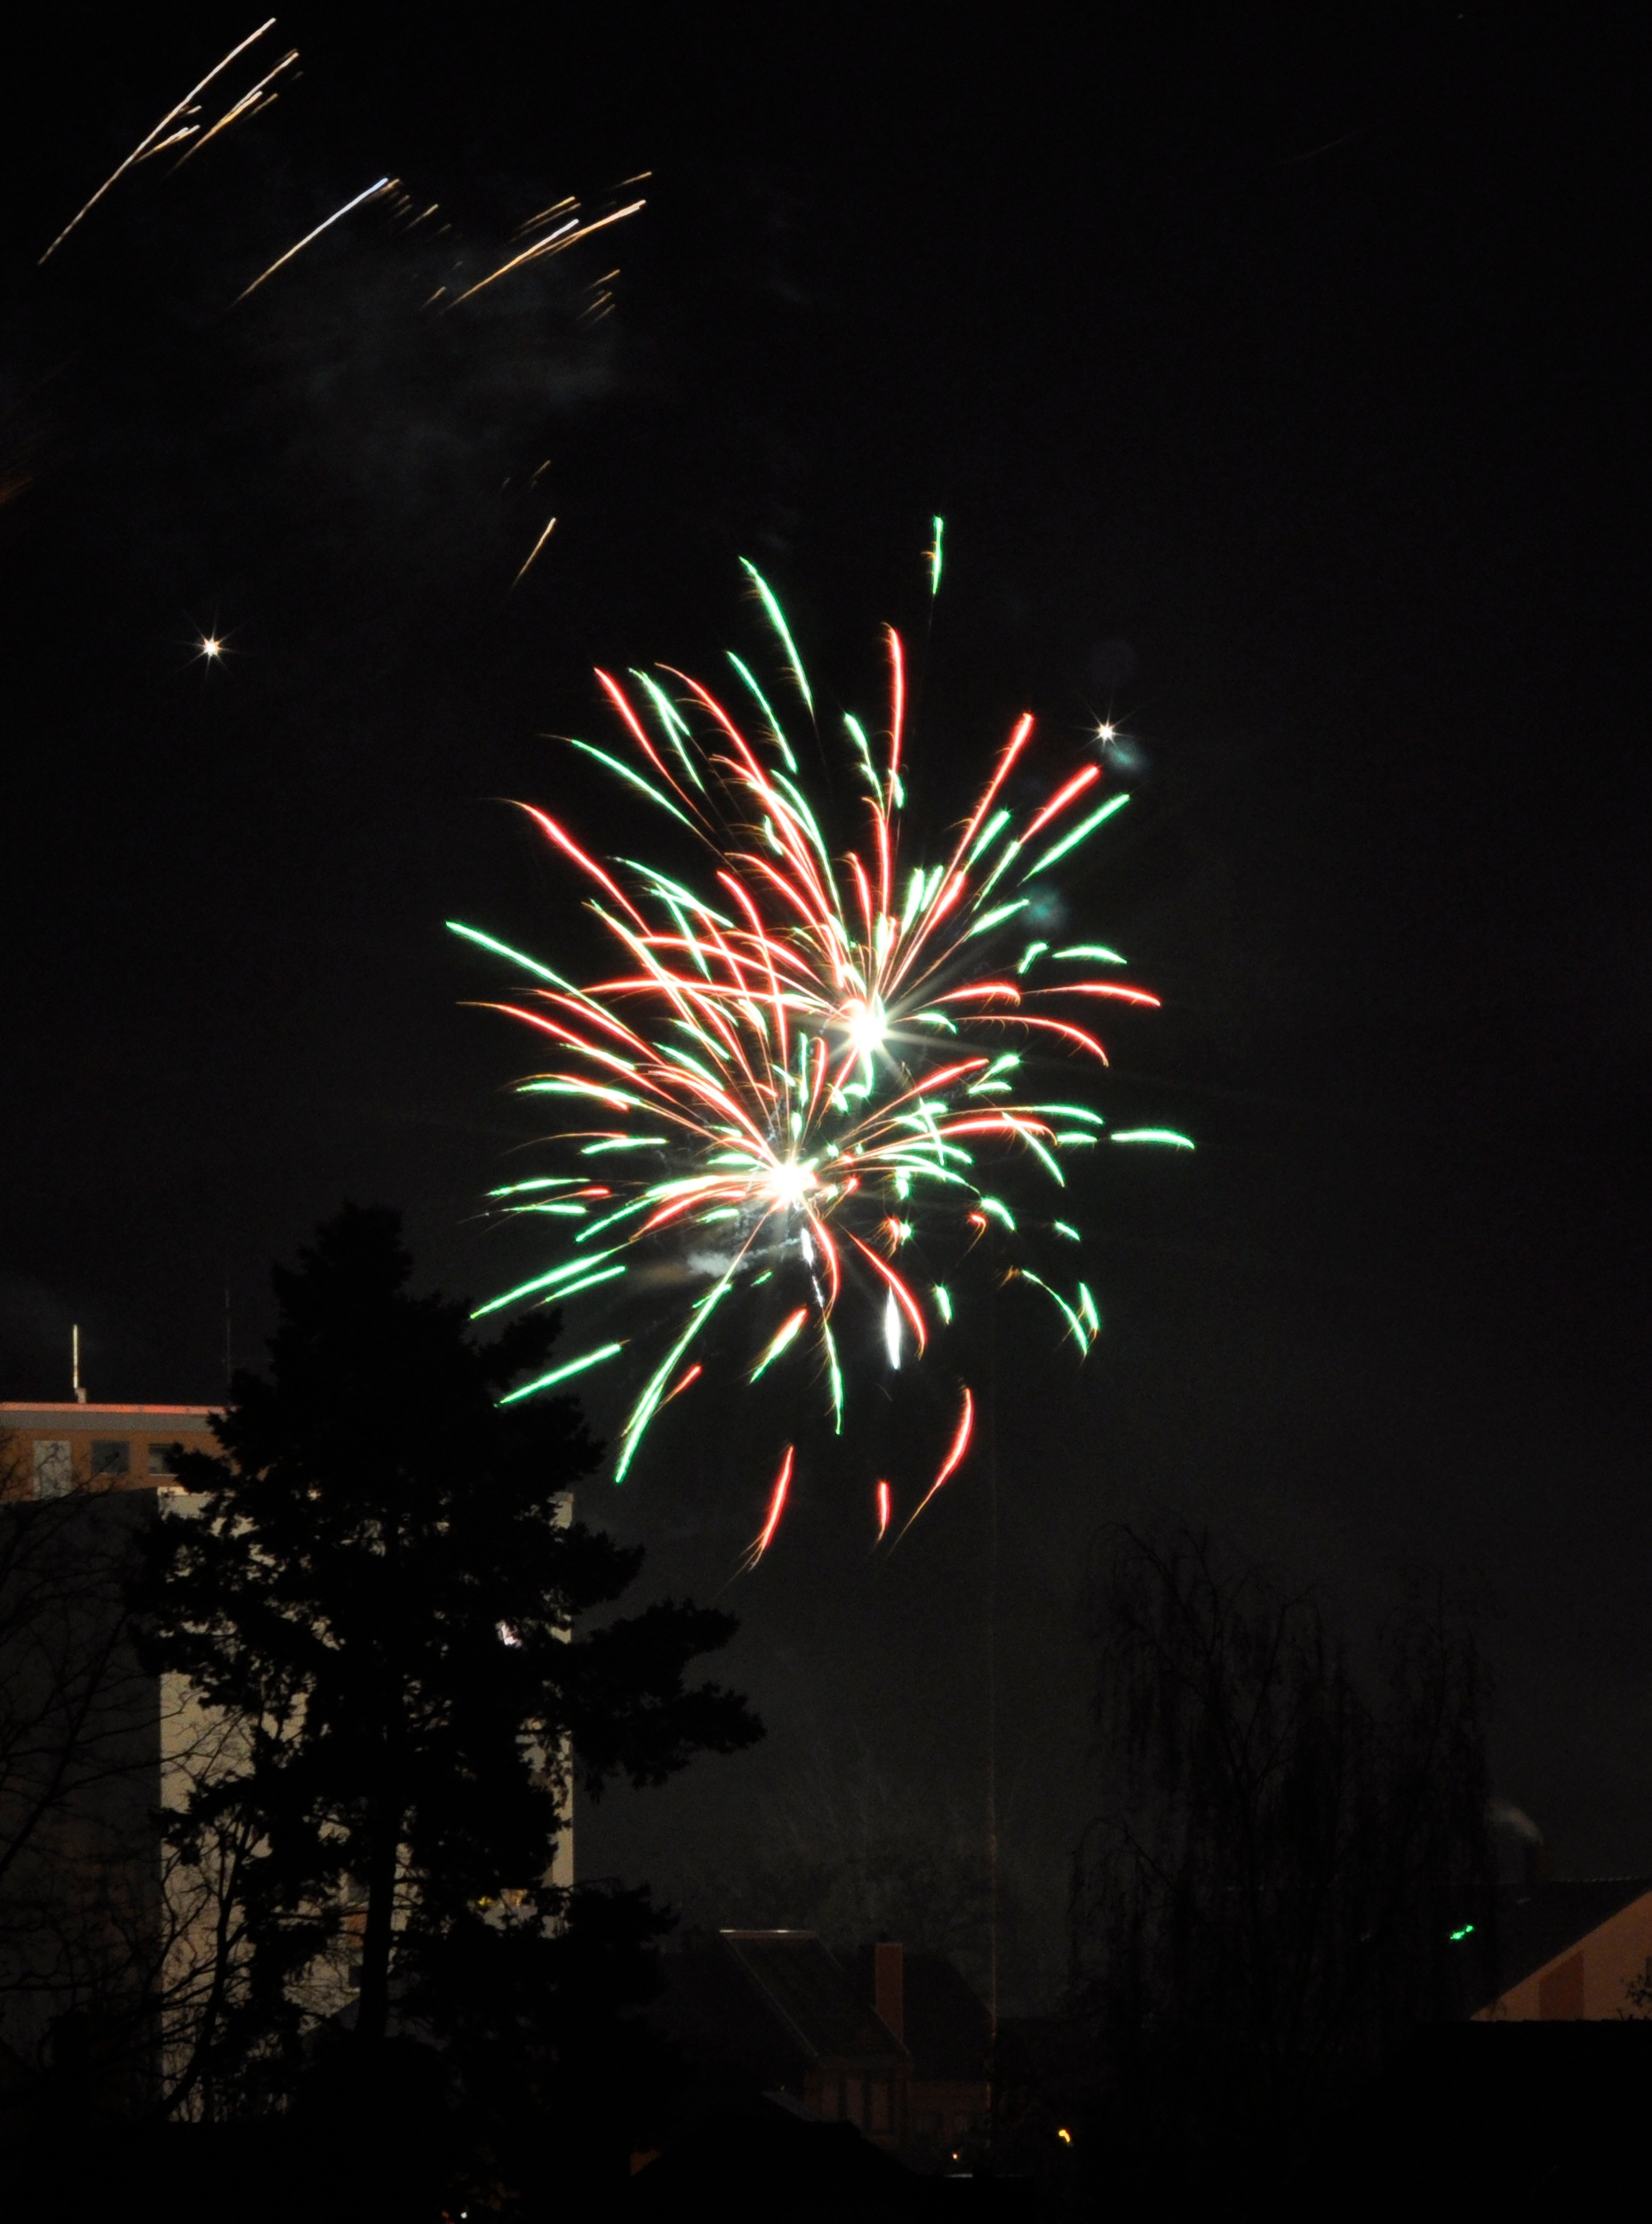 Klicken Sie auf die Grafik für eine größere Ansicht  Name:Silvester 2012 rotgrüne Rakete.JPG Hits:5954 Größe:1,53 MB ID:613683